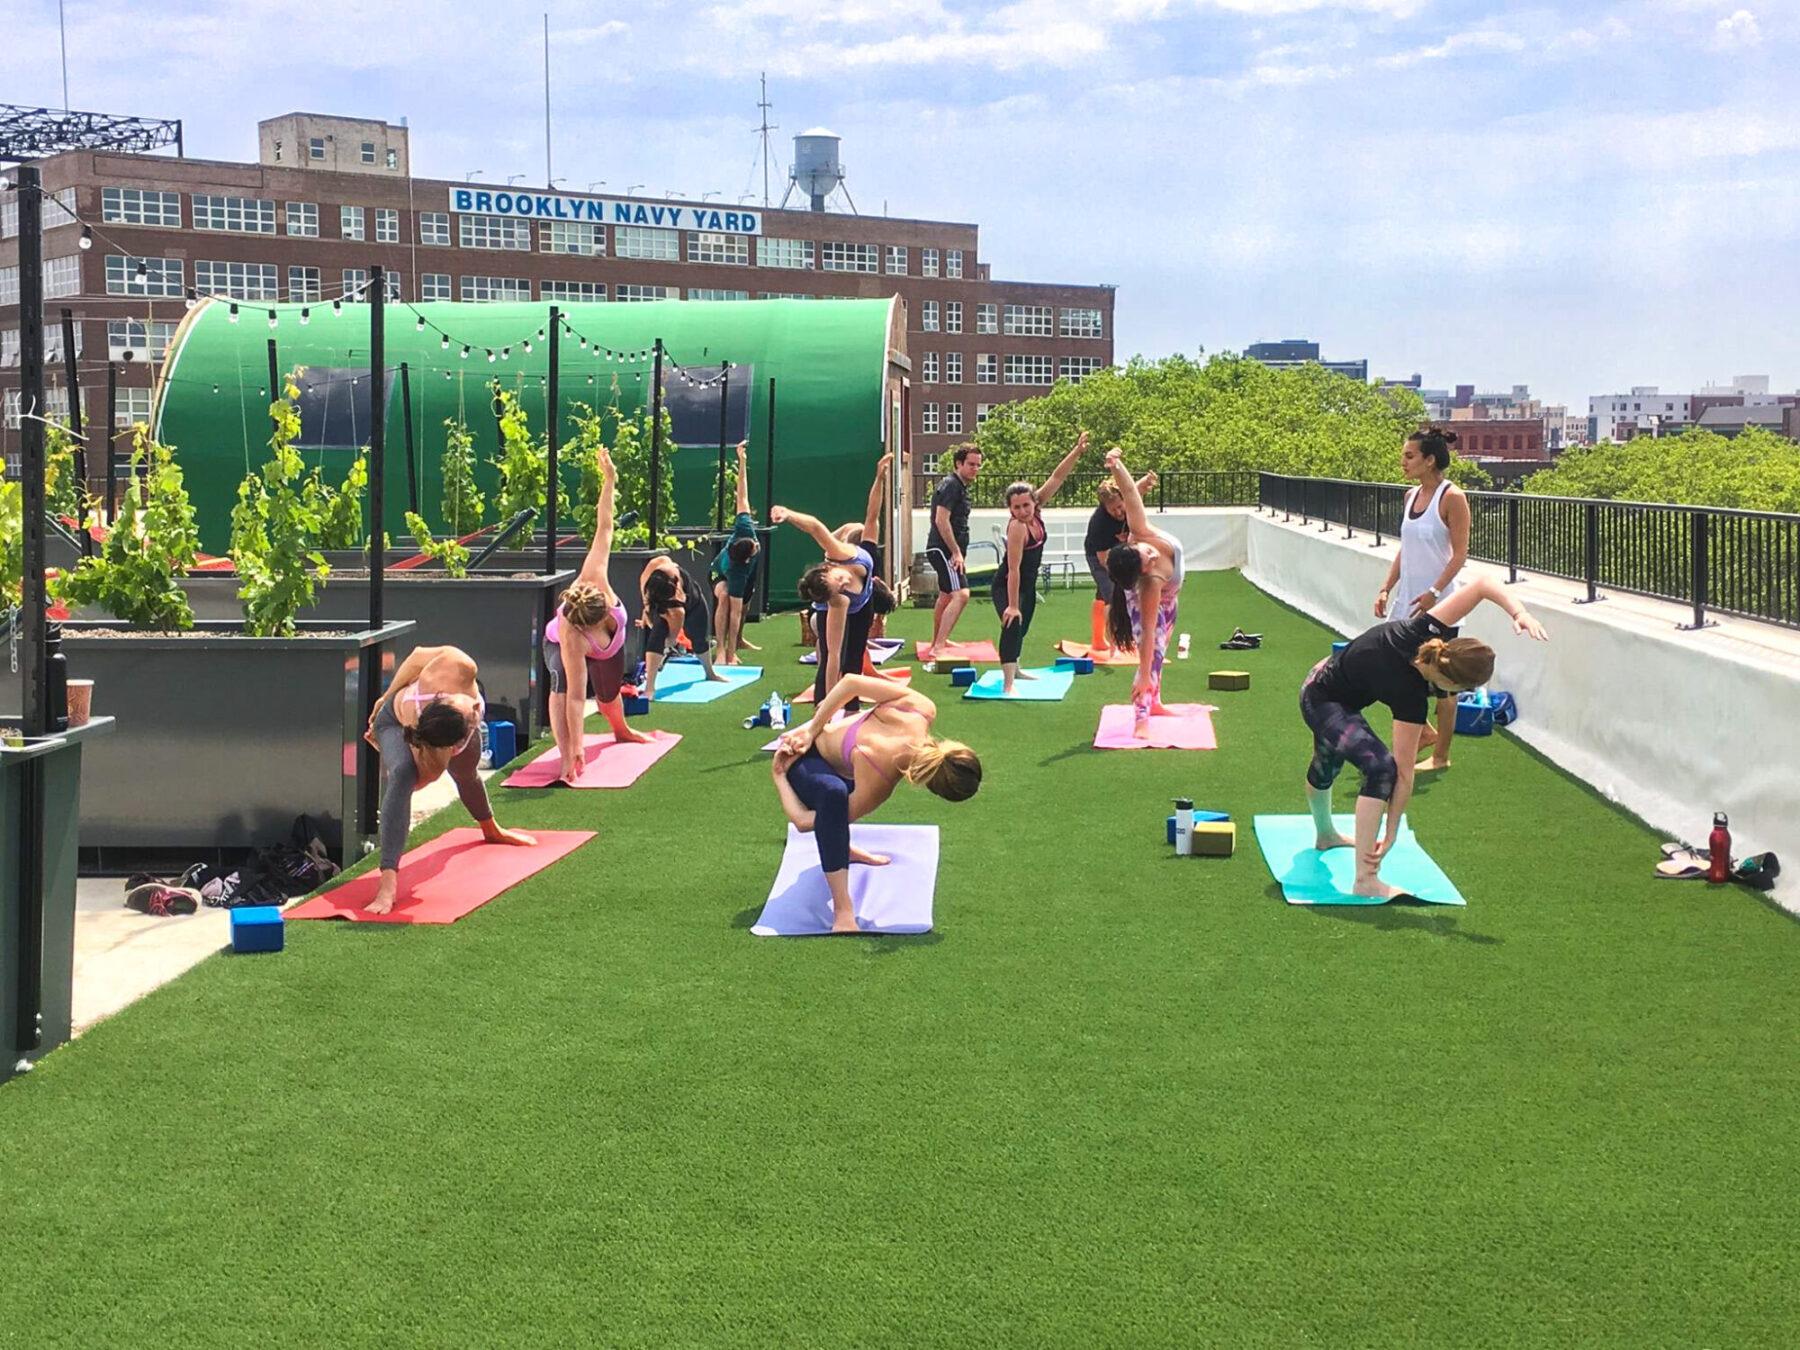 New york roof top artificial grass